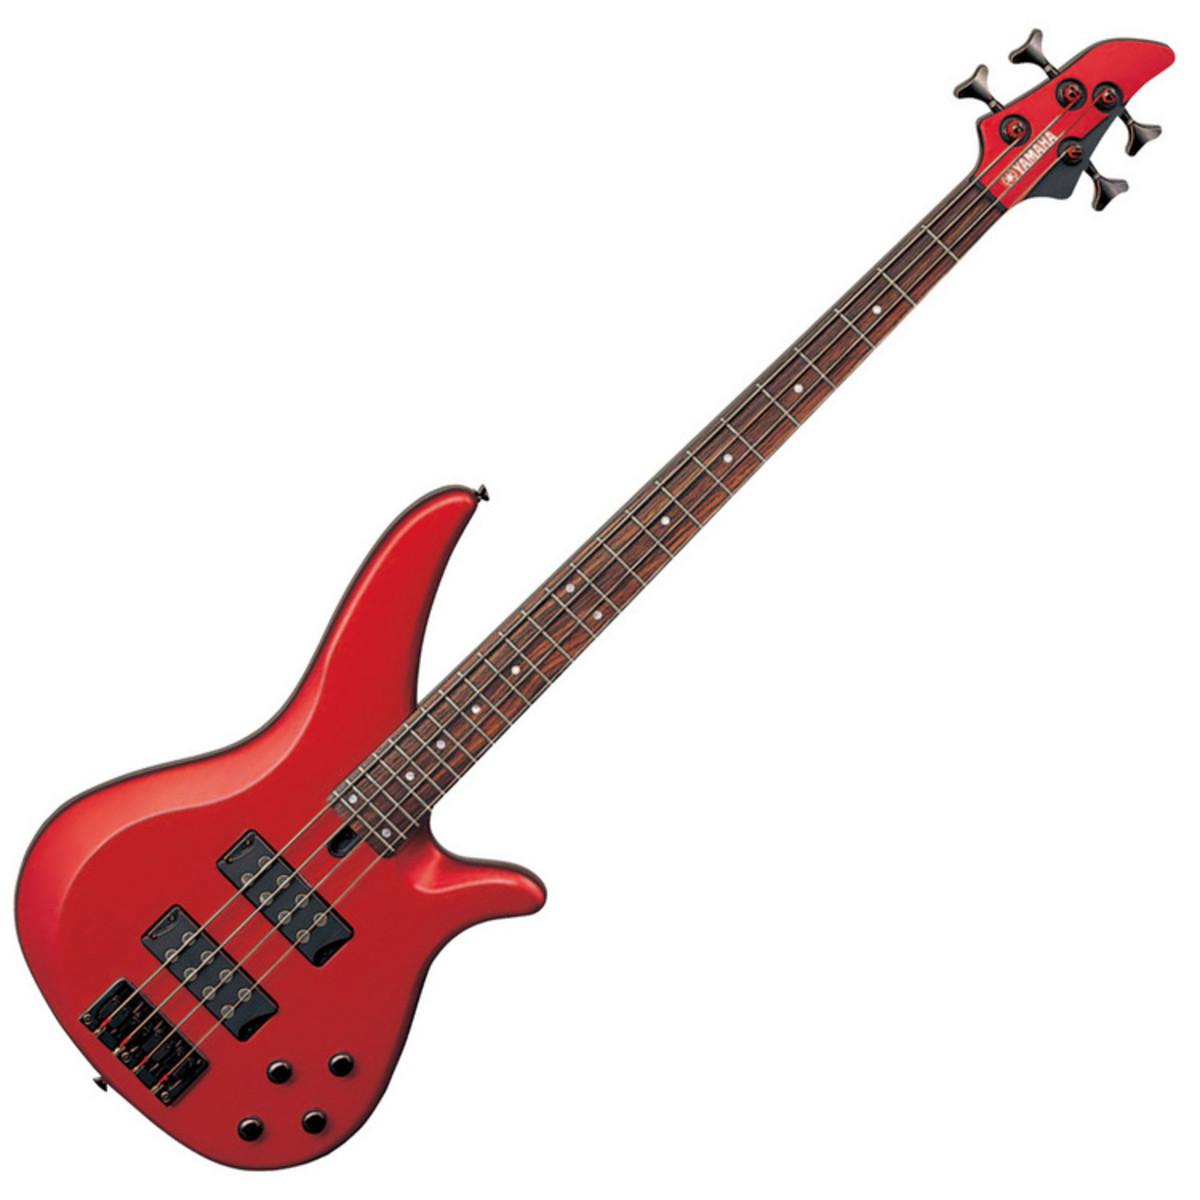 Yamaha rbx374 bass guitar red metallic nearly new at for Yamaha bass guitars